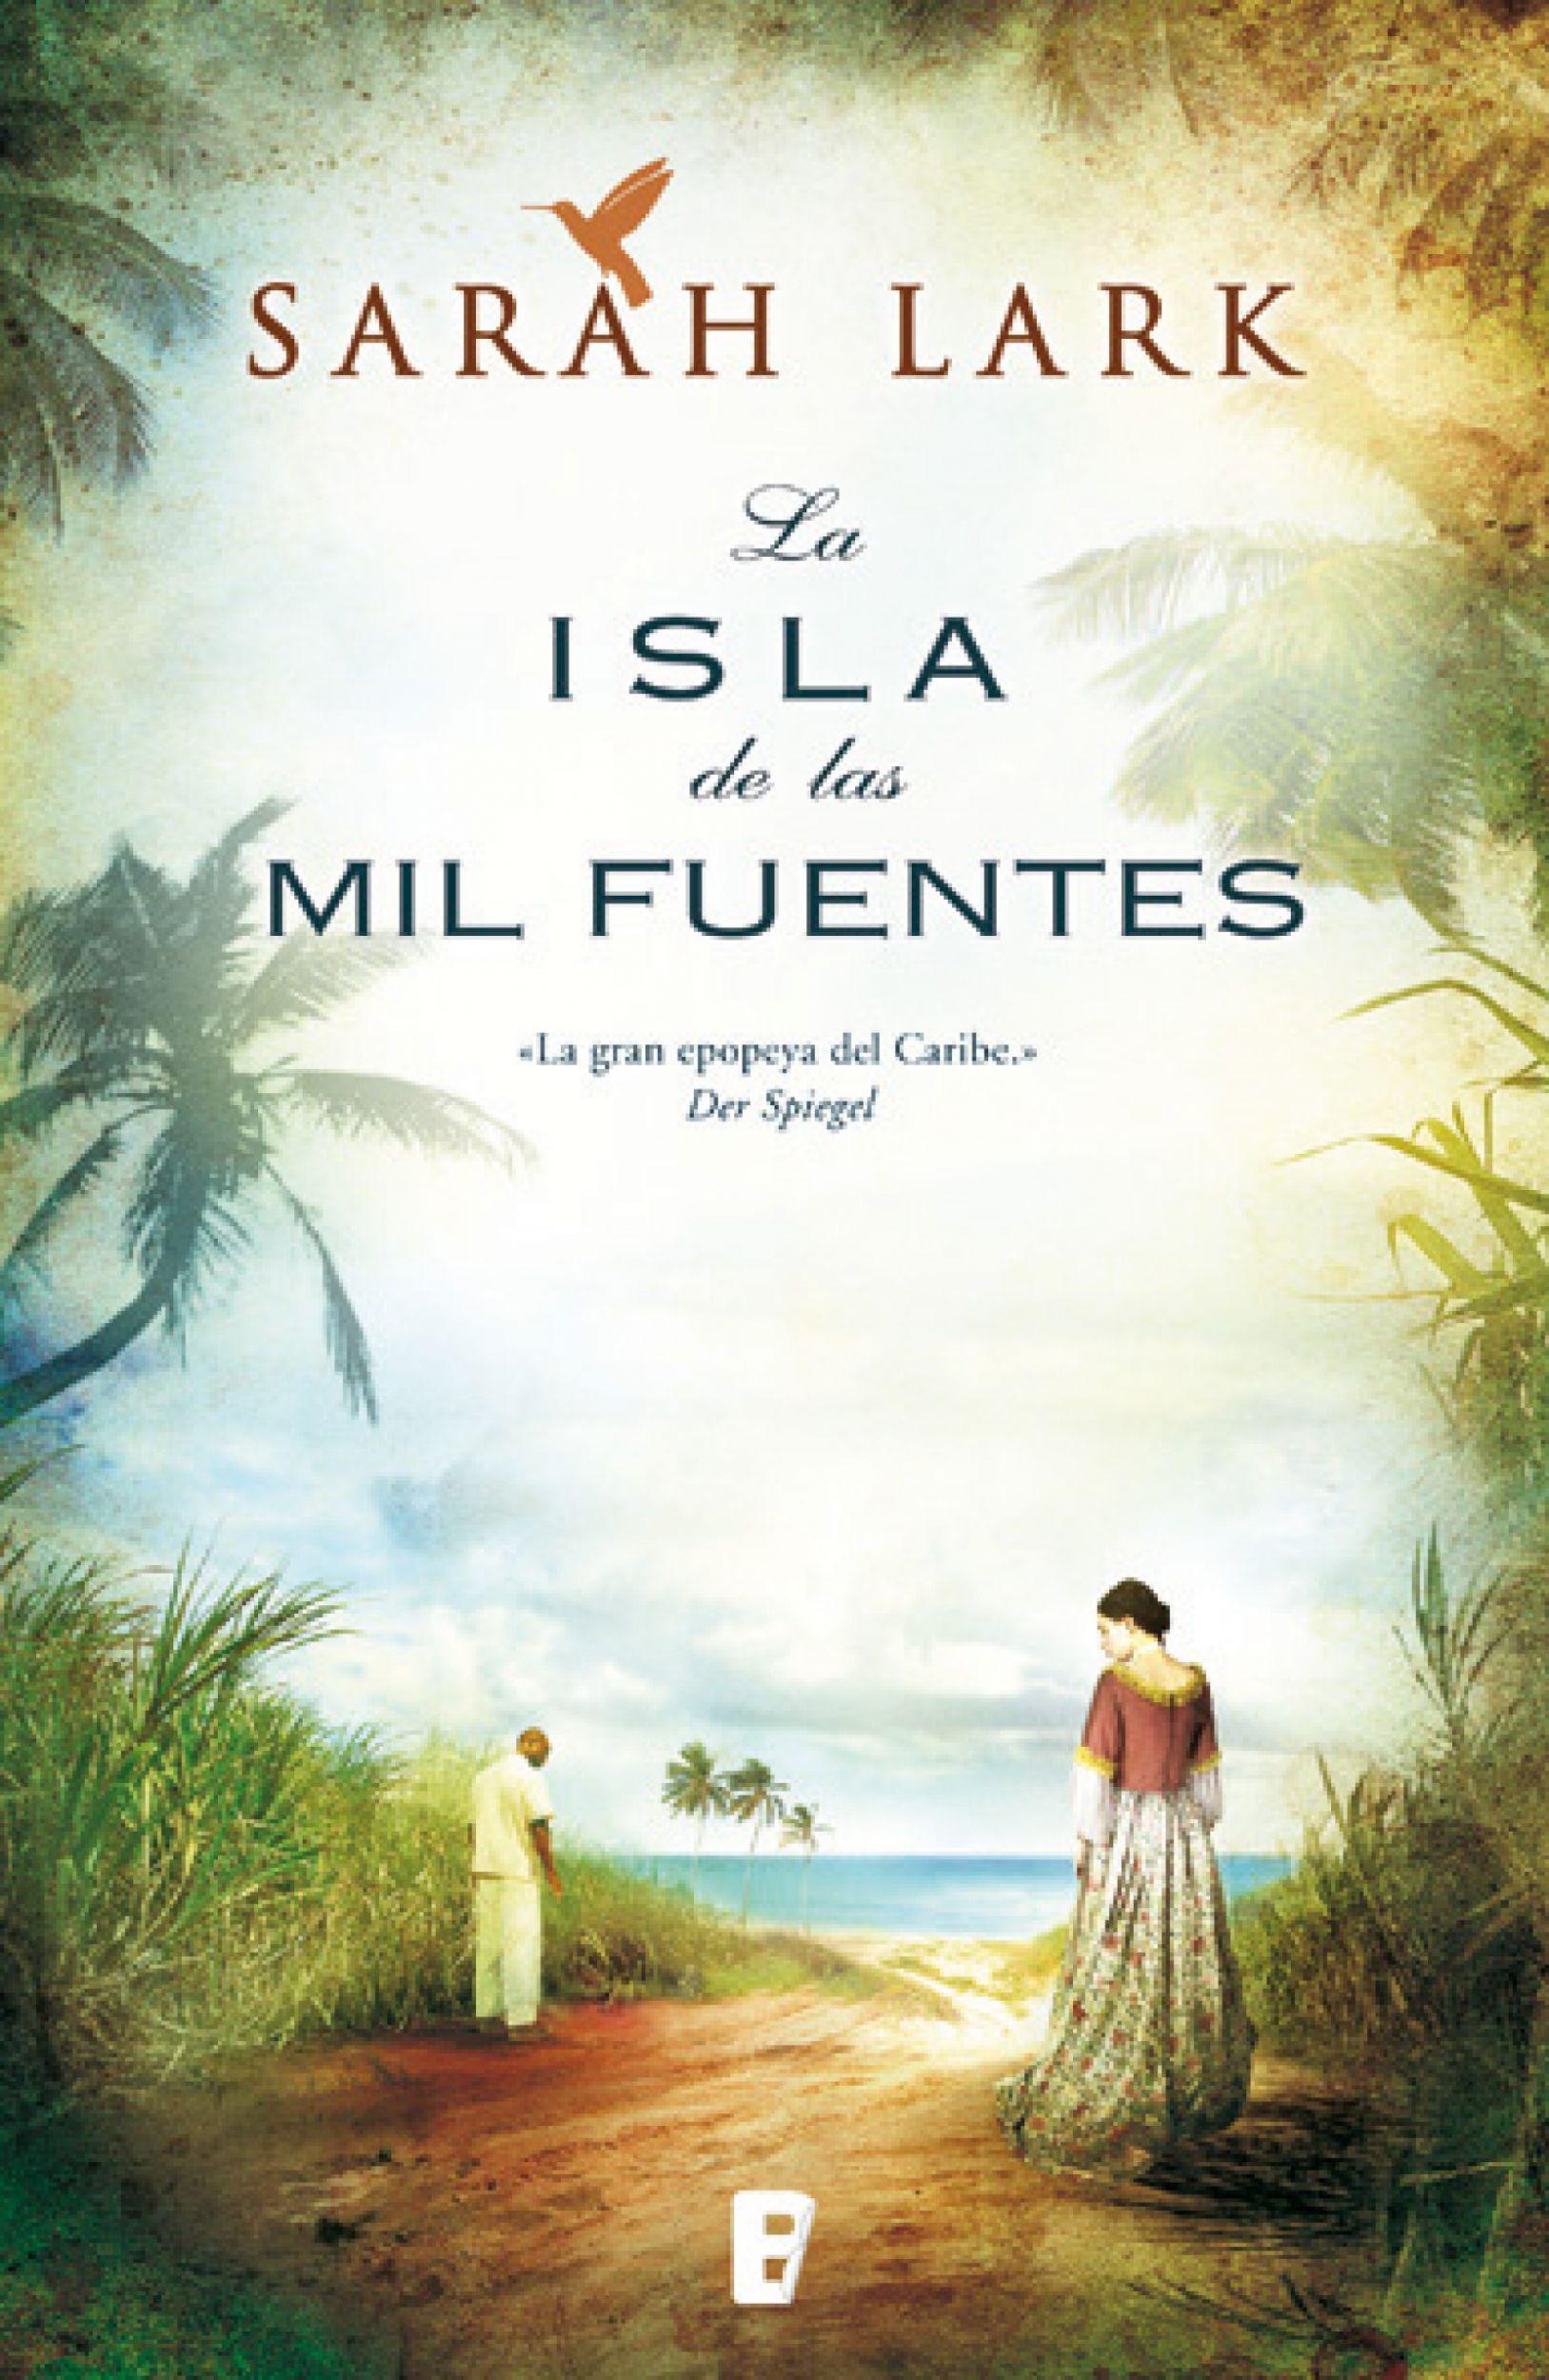 La Isla De Las Mil Fuentes Y Las Olas Del Destino Saga Del Caribe De Sarah Lark Descargar Libros En Pdf Libros Para Leer Leer Libros Online